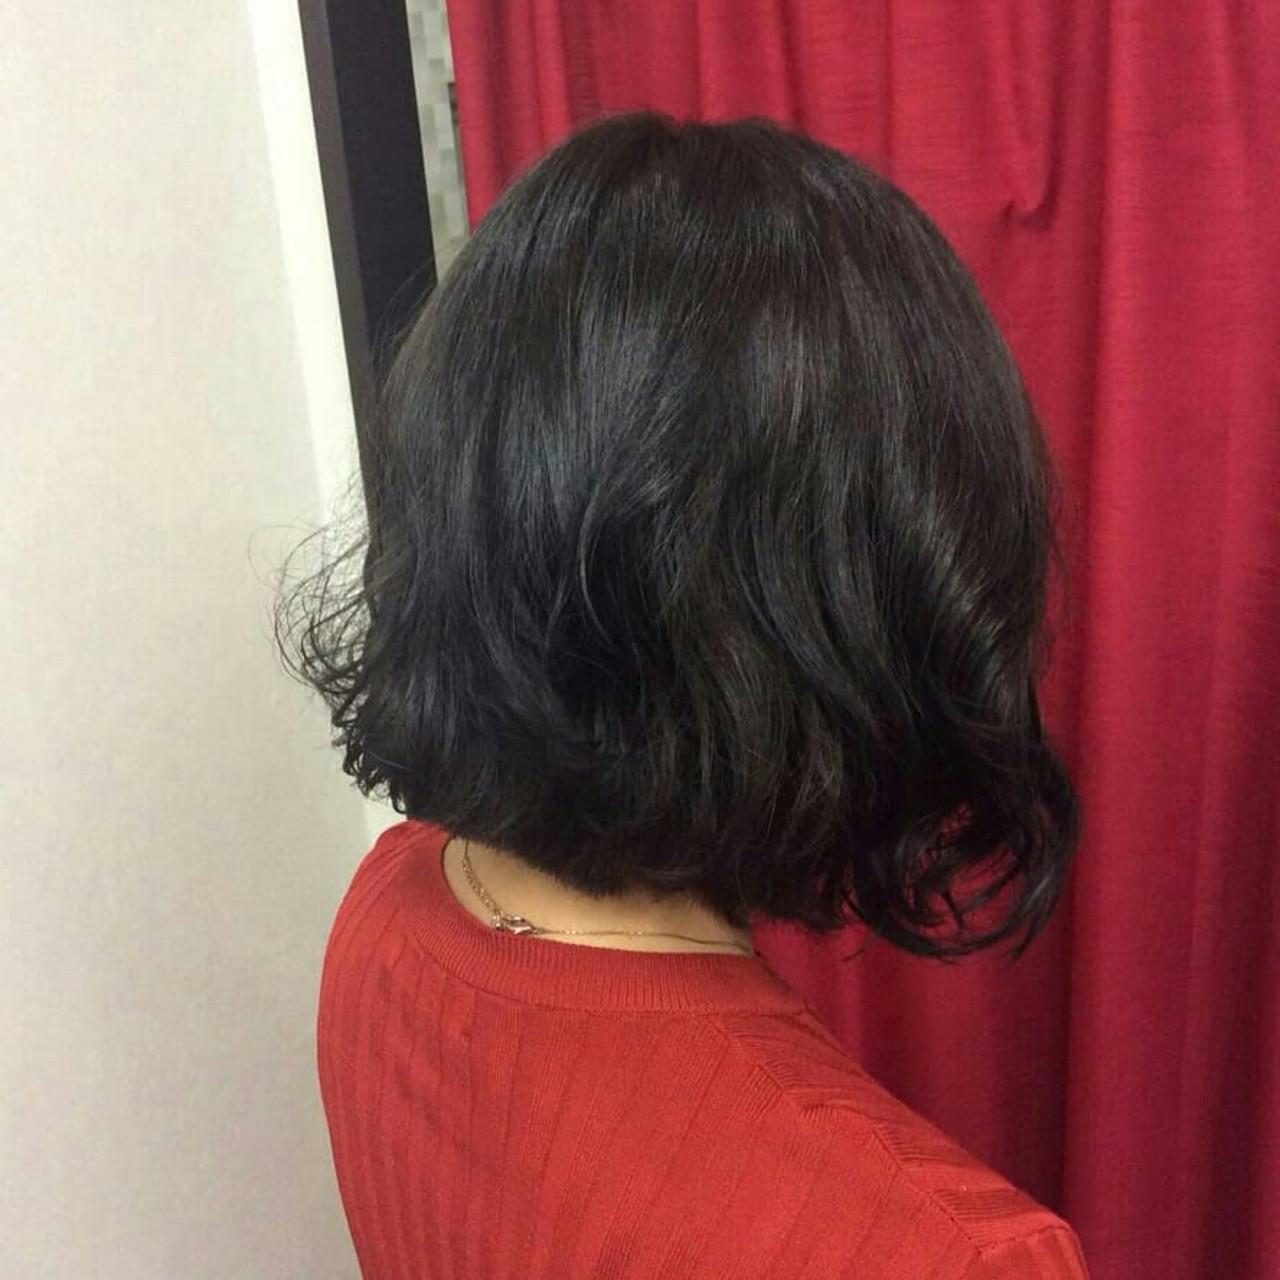 ナチュラル ボブ グレーアッシュ ボブヘアー ヘアスタイルや髪型の写真・画像